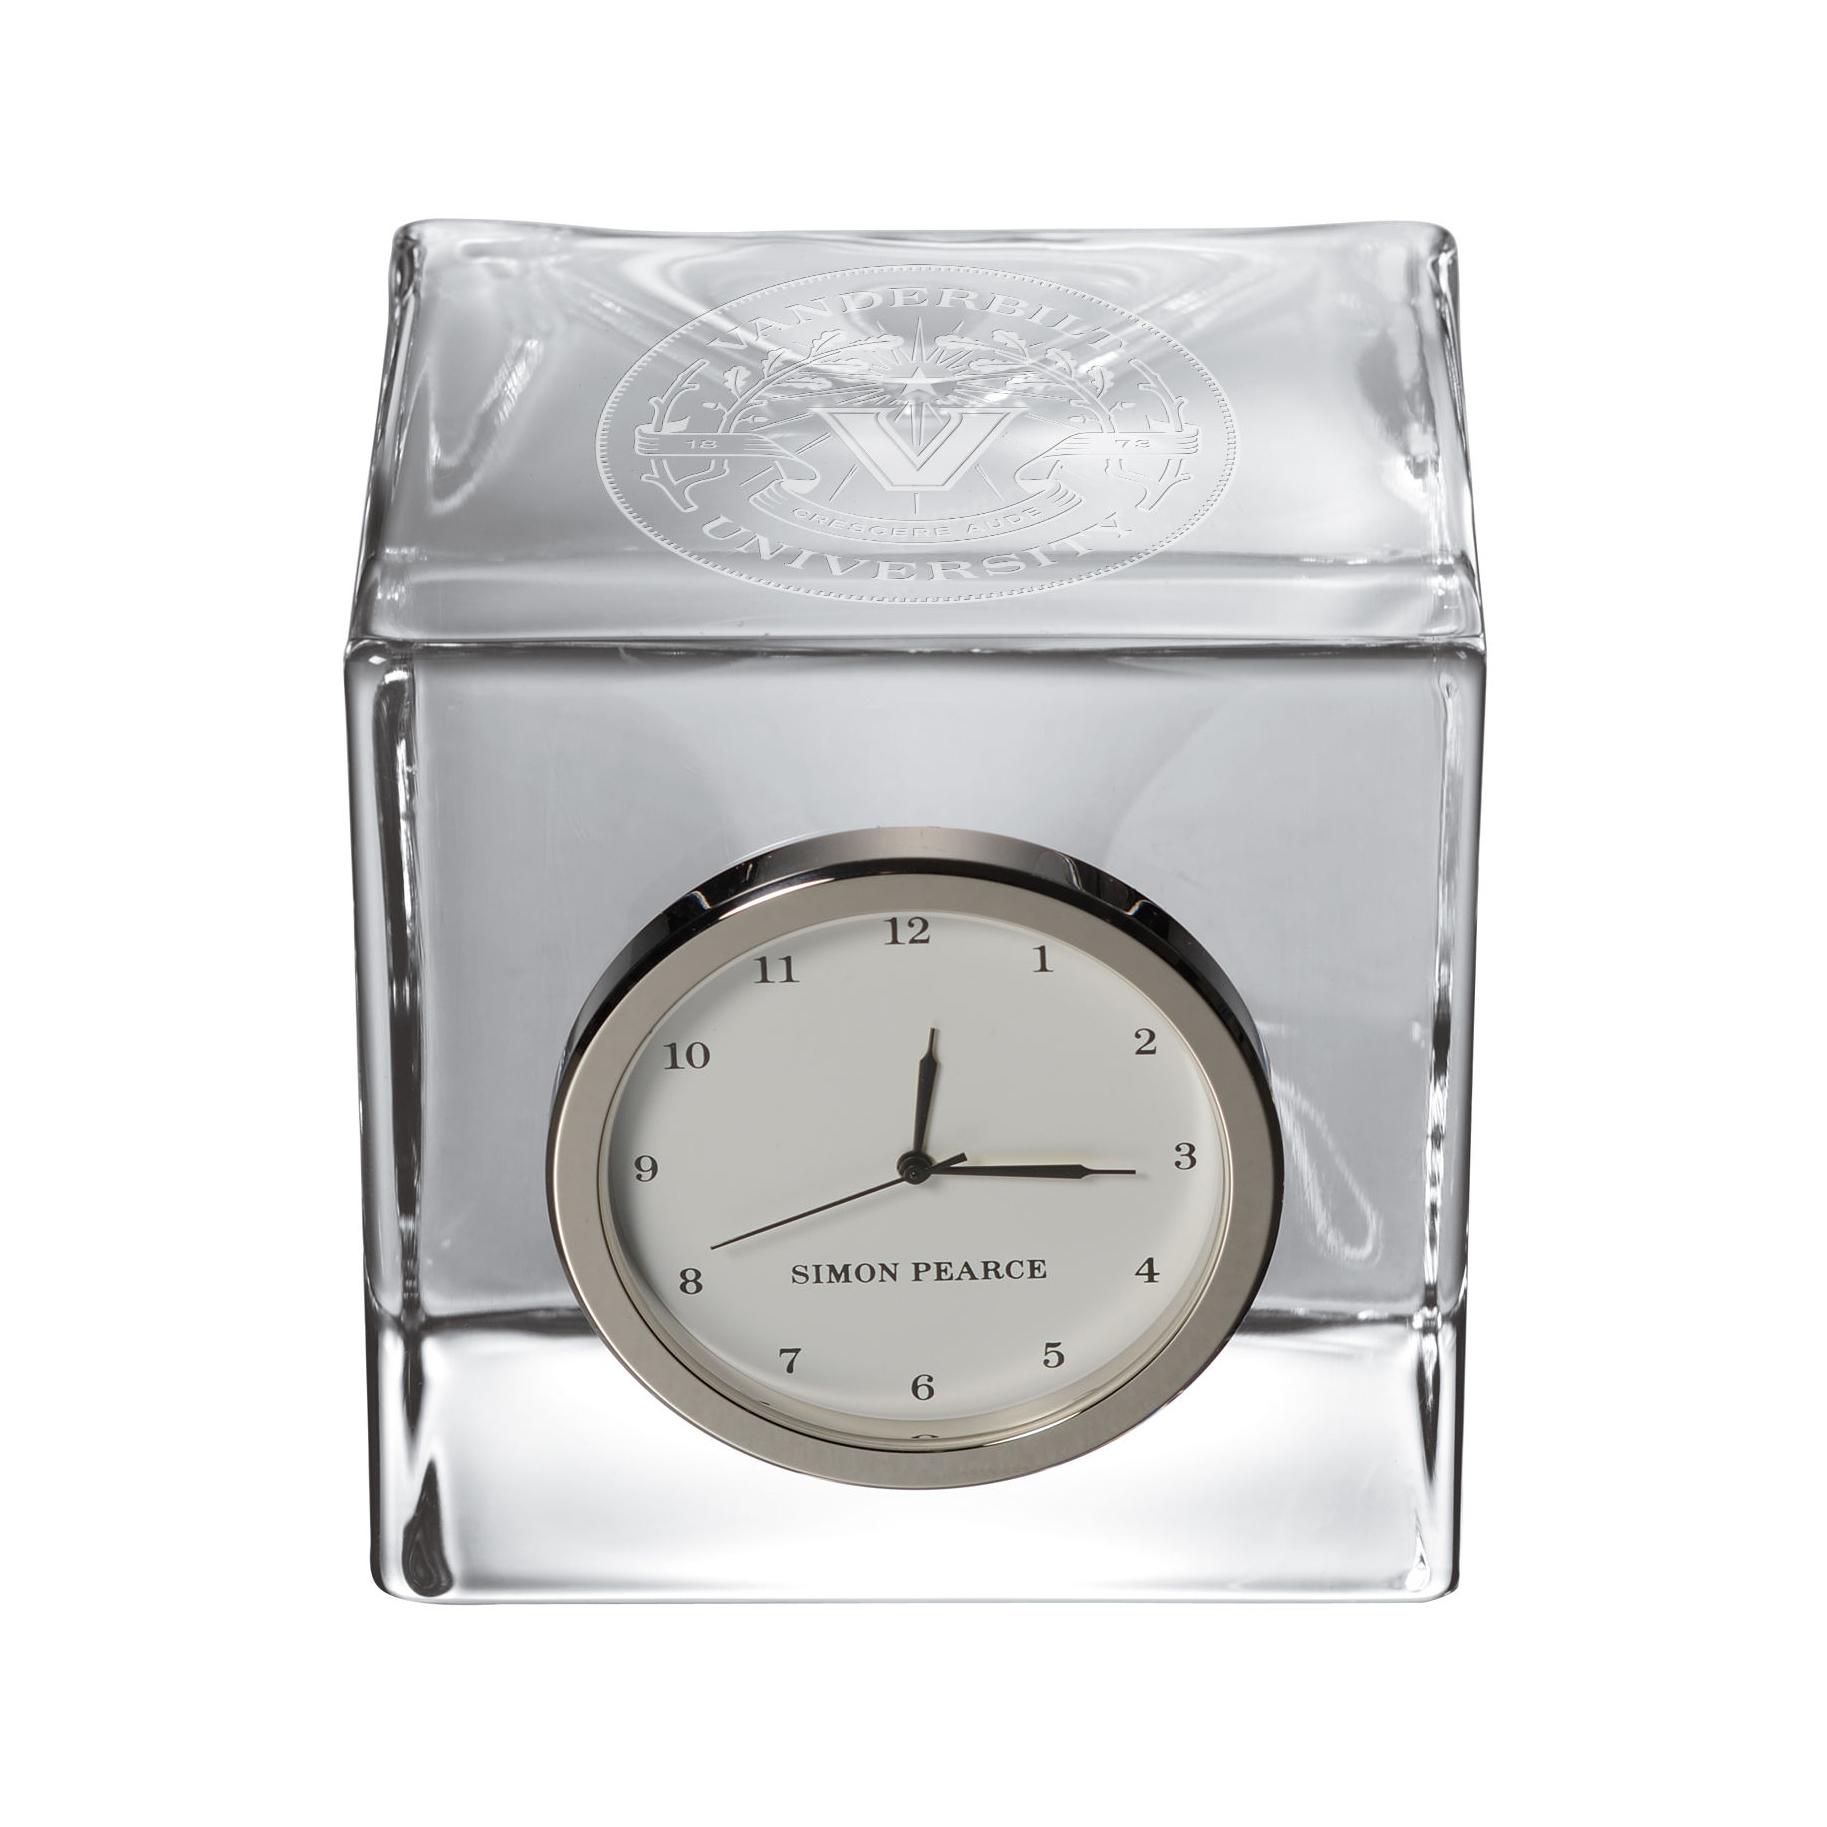 Vanderbilt Glass Desk Clock by Simon Pearce